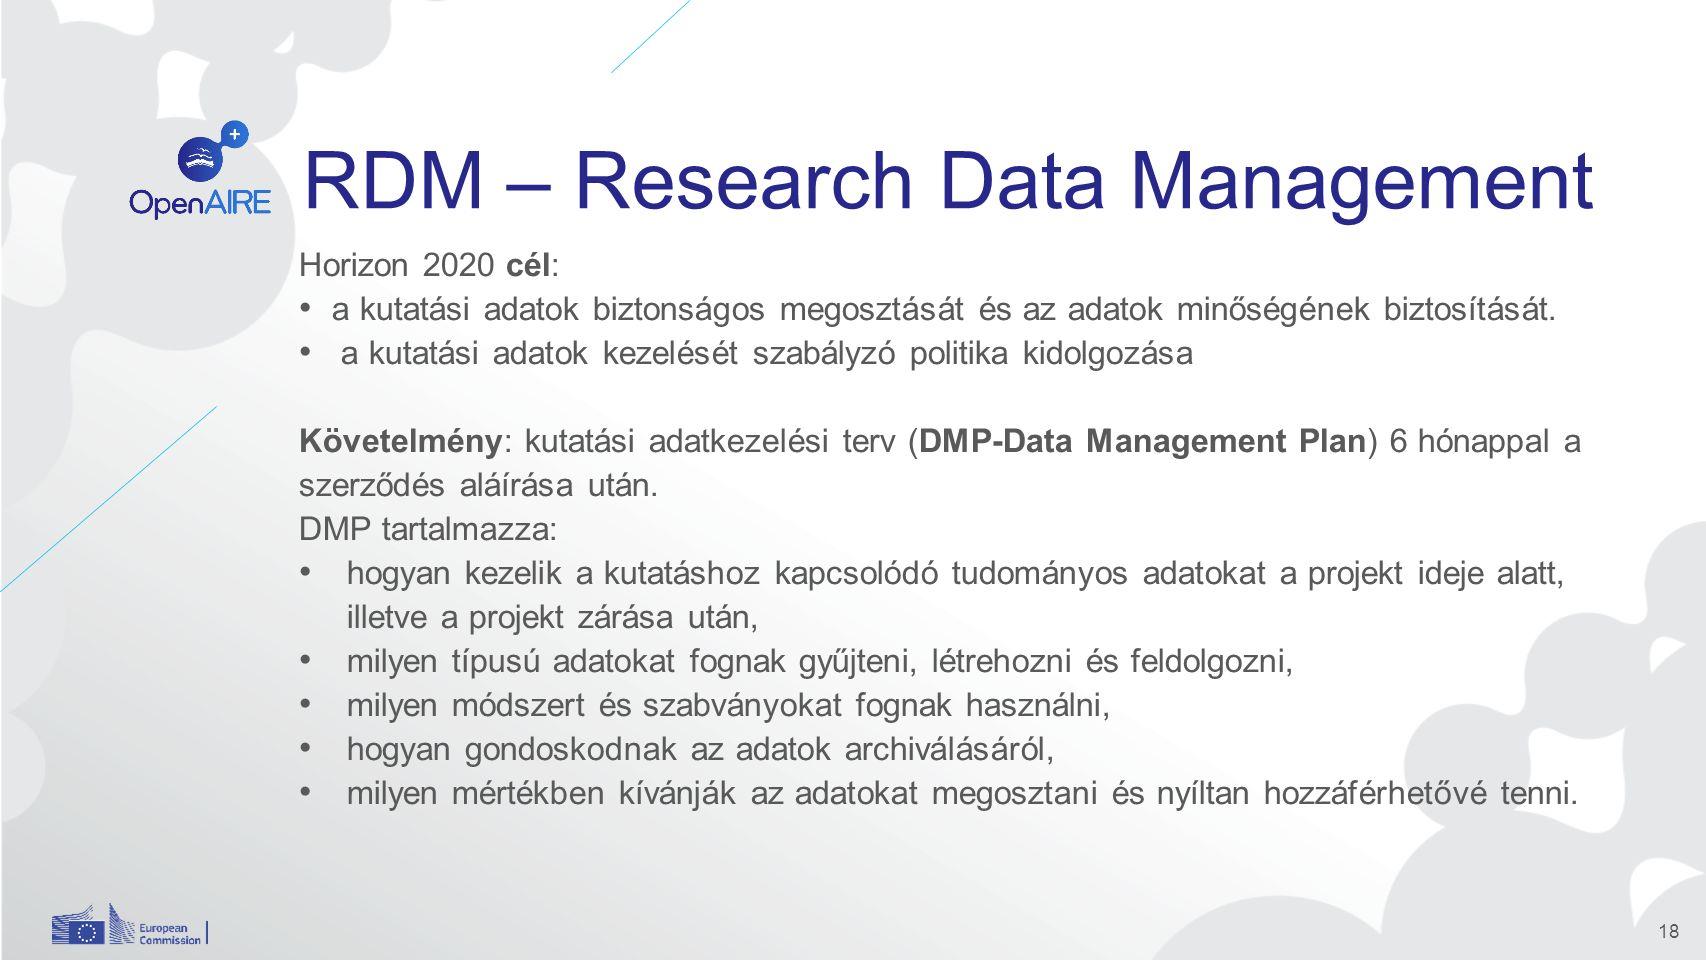 RDM – Research Data Management Horizon 2020 cél: a kutatási adatok biztonságos megosztását és az adatok minőségének biztosítását.